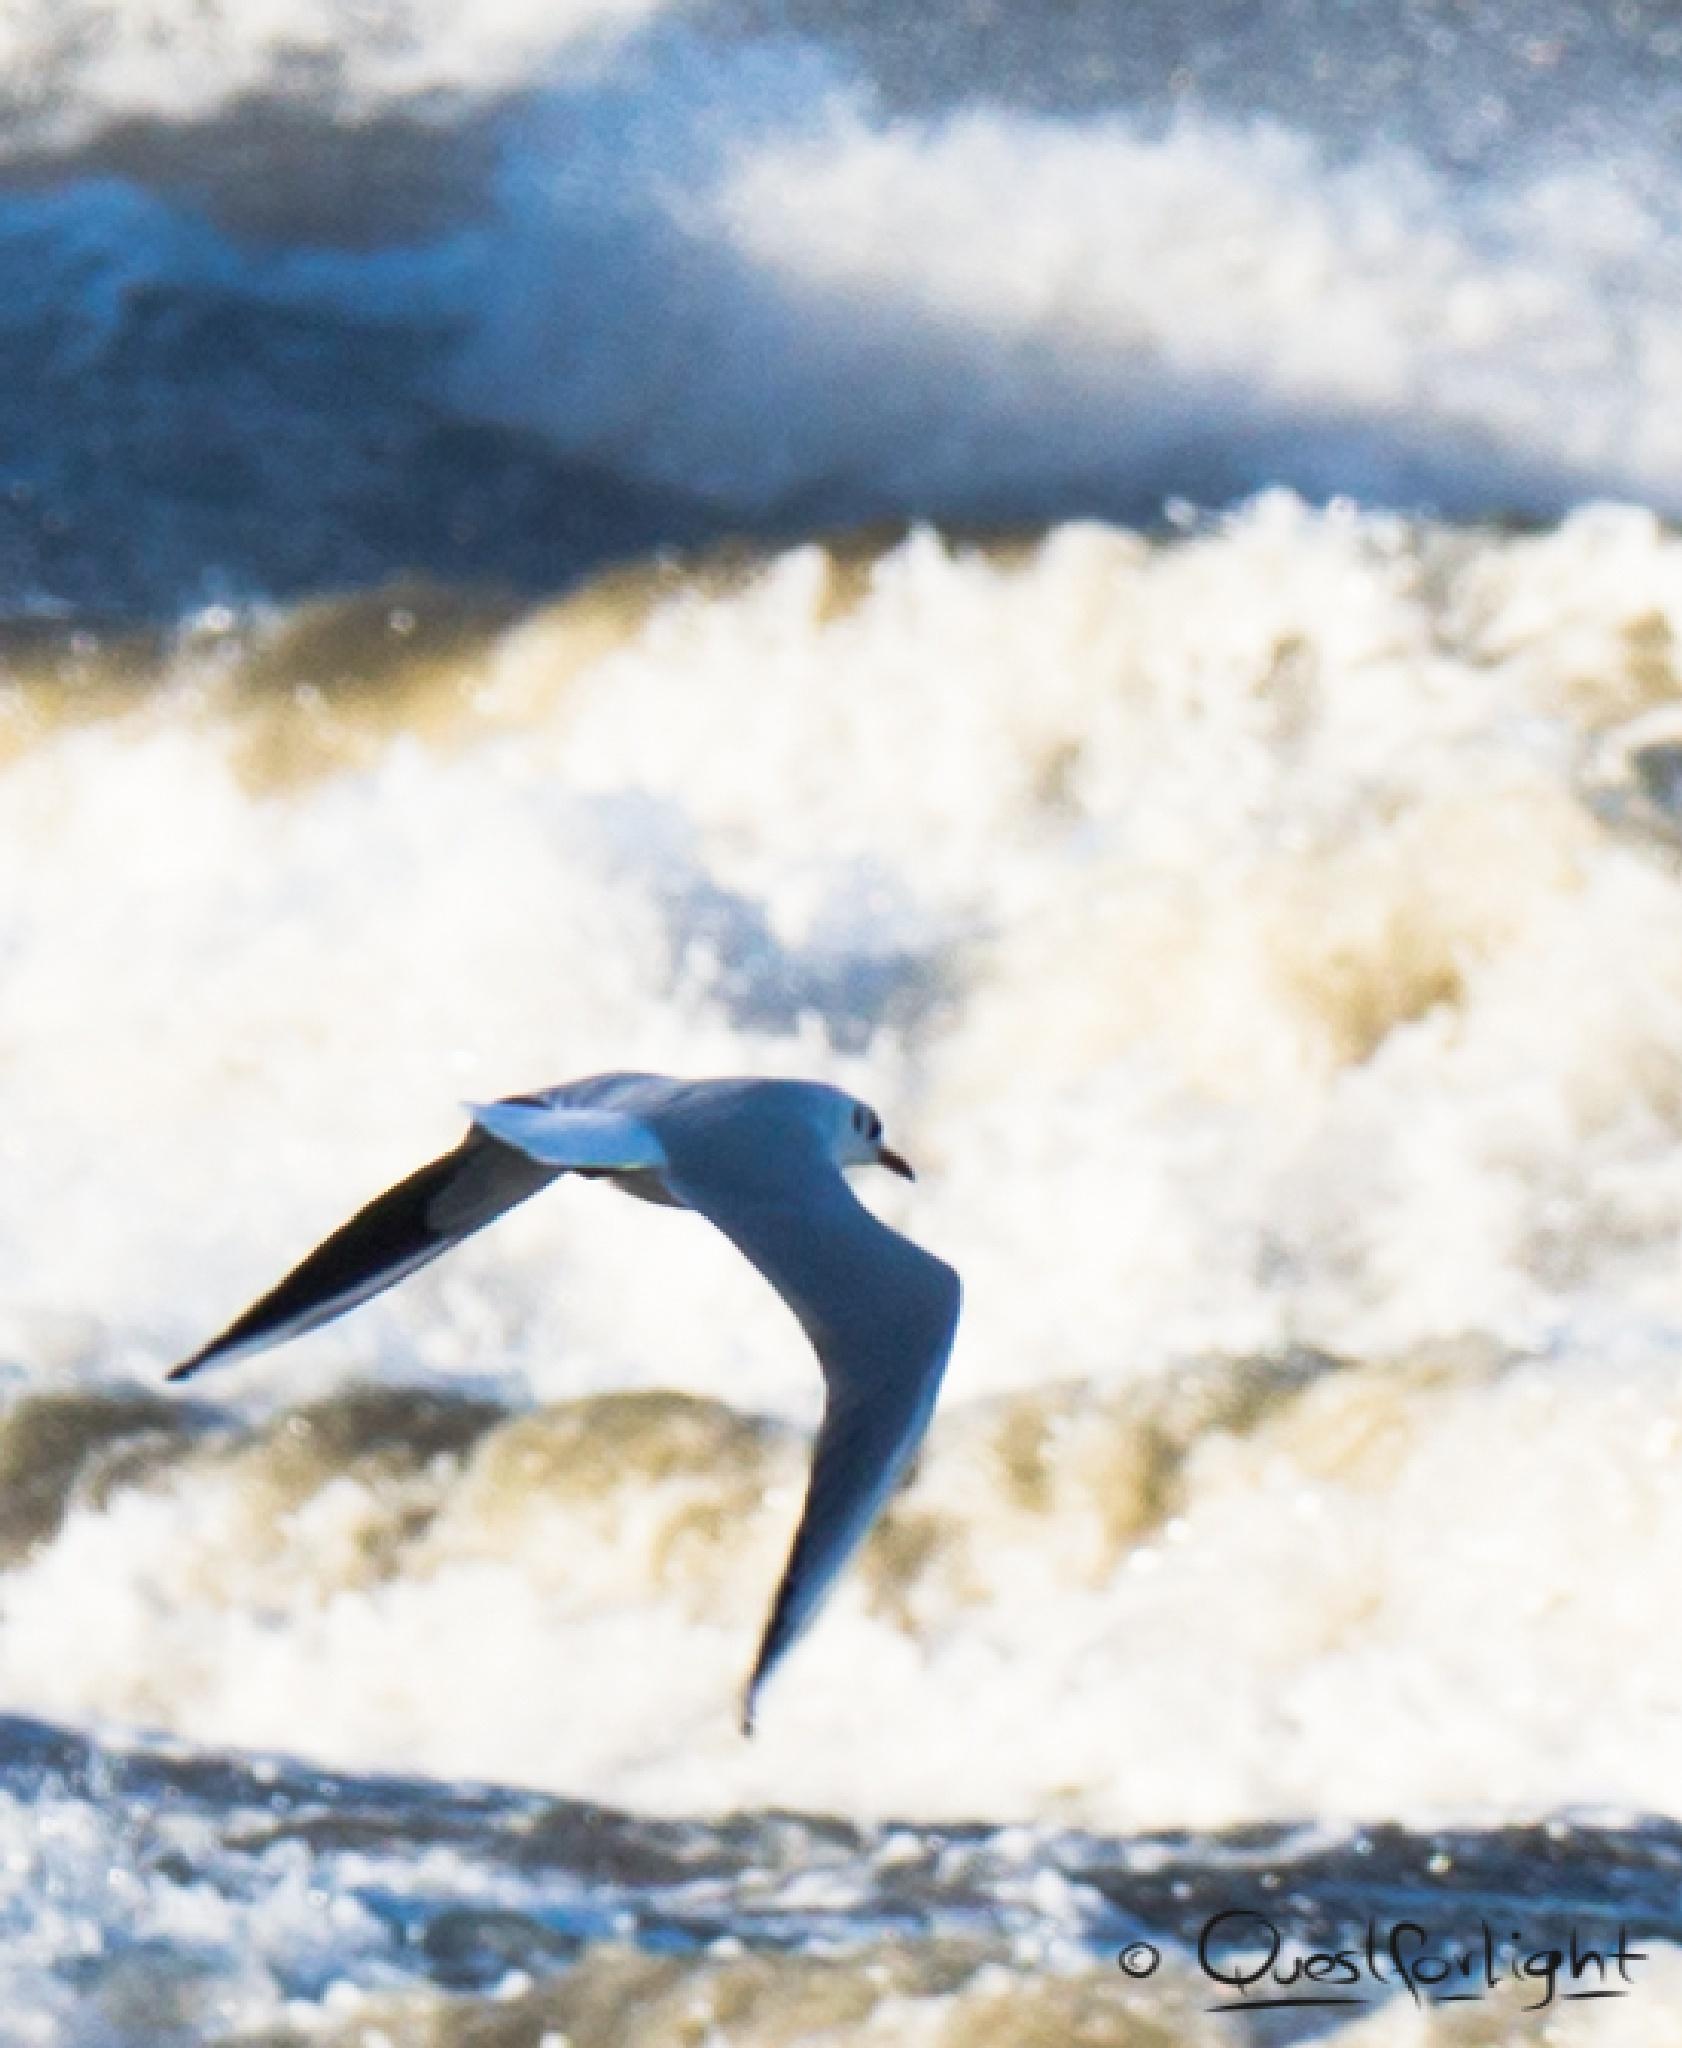 seagull by QuestForLight&LAS